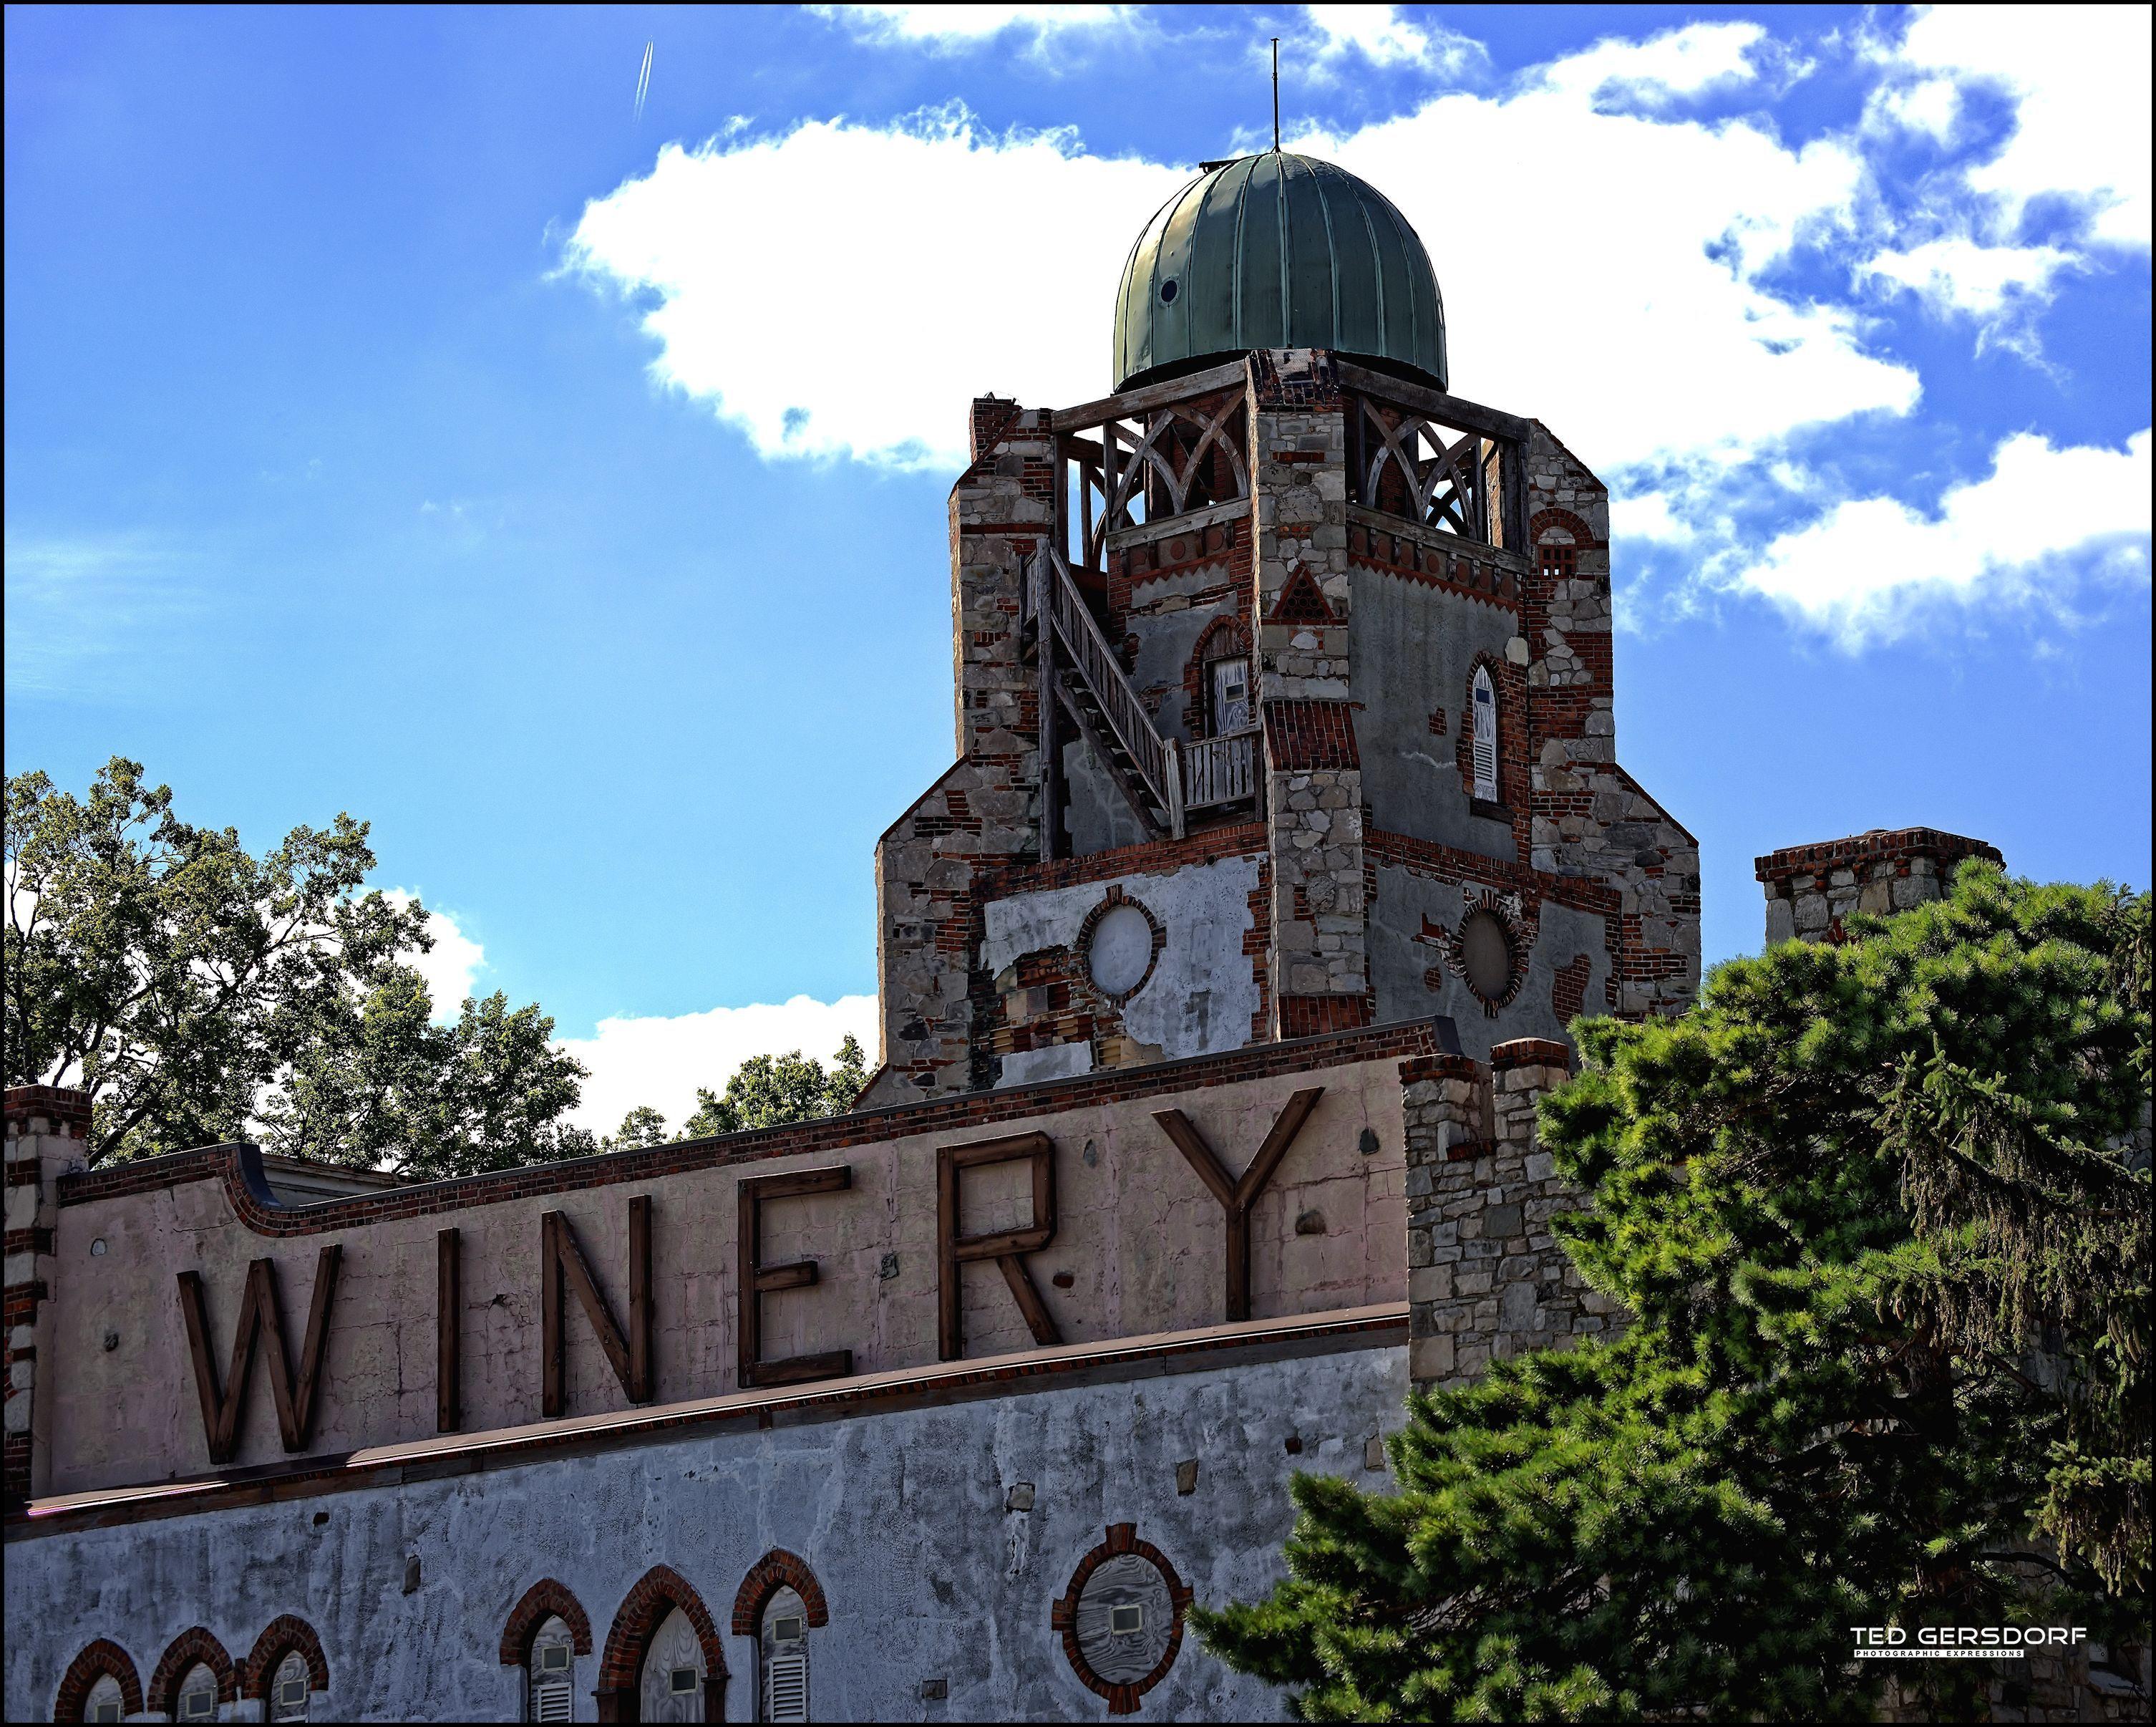 Lonz Winery